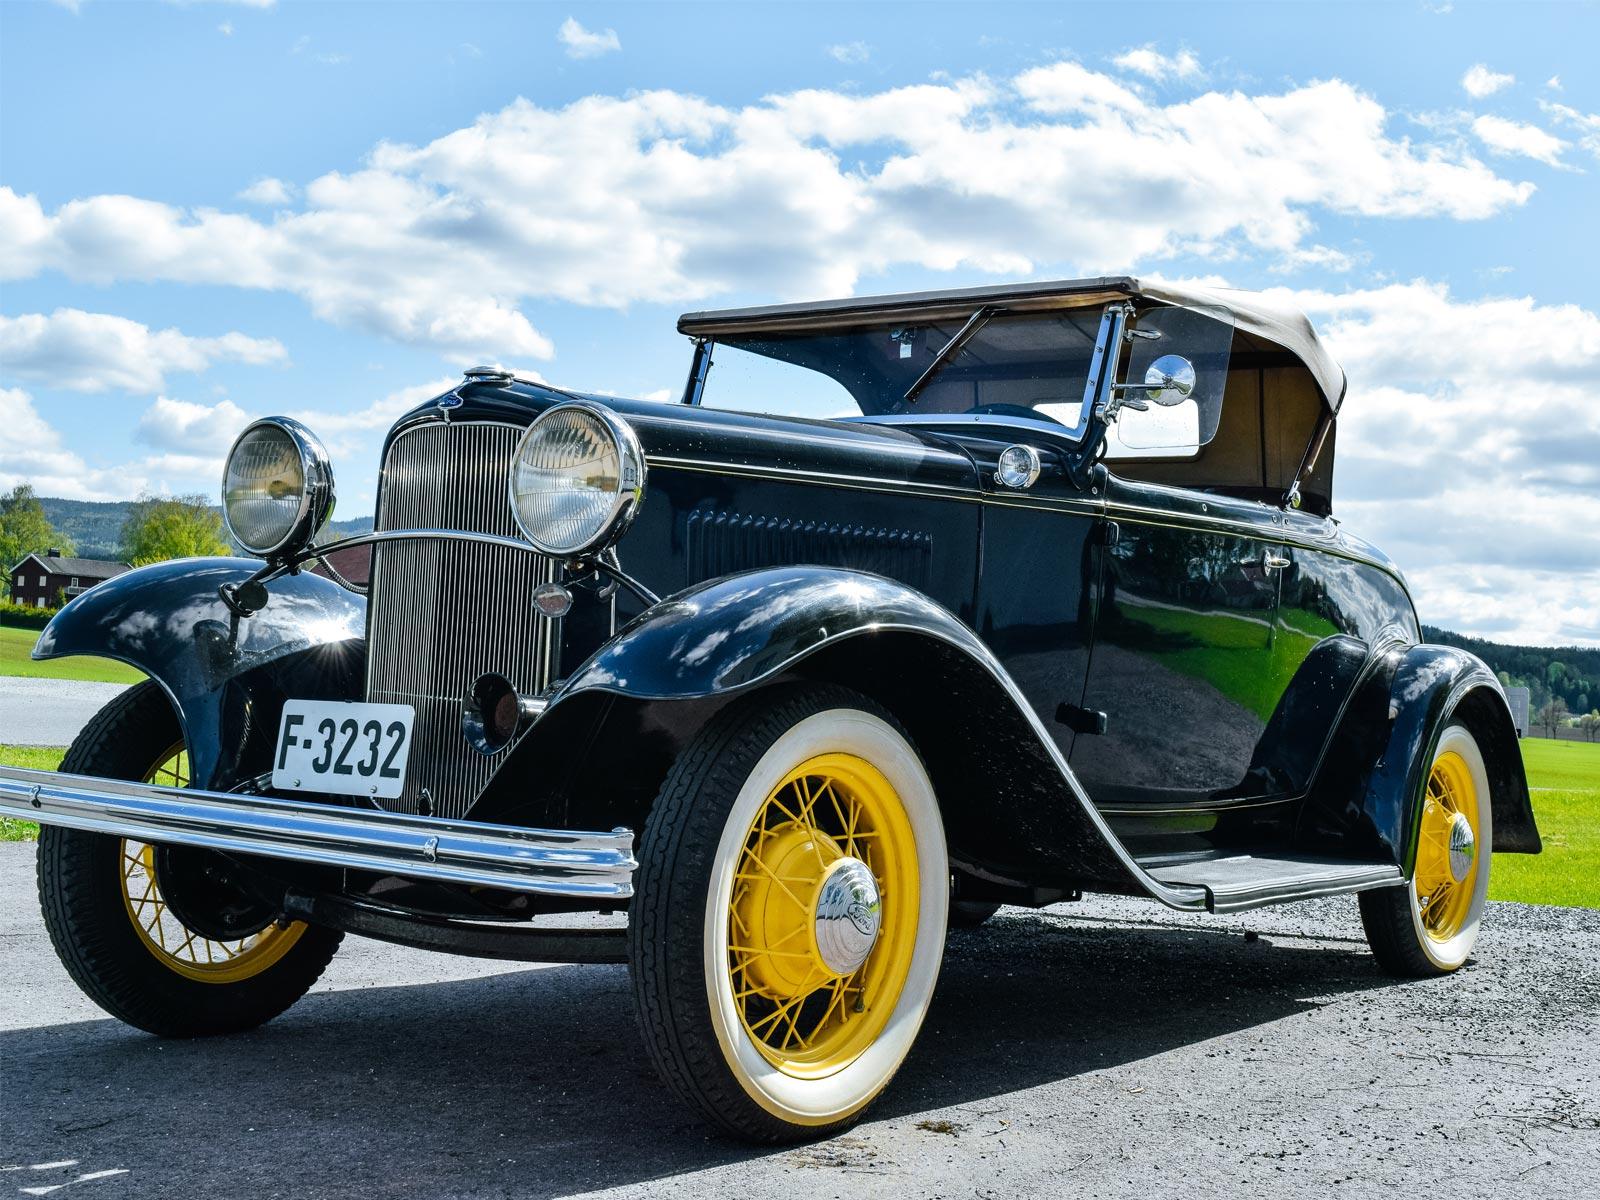 Ford B Roadster 1932 modell. Se vårt utvalg av biler.